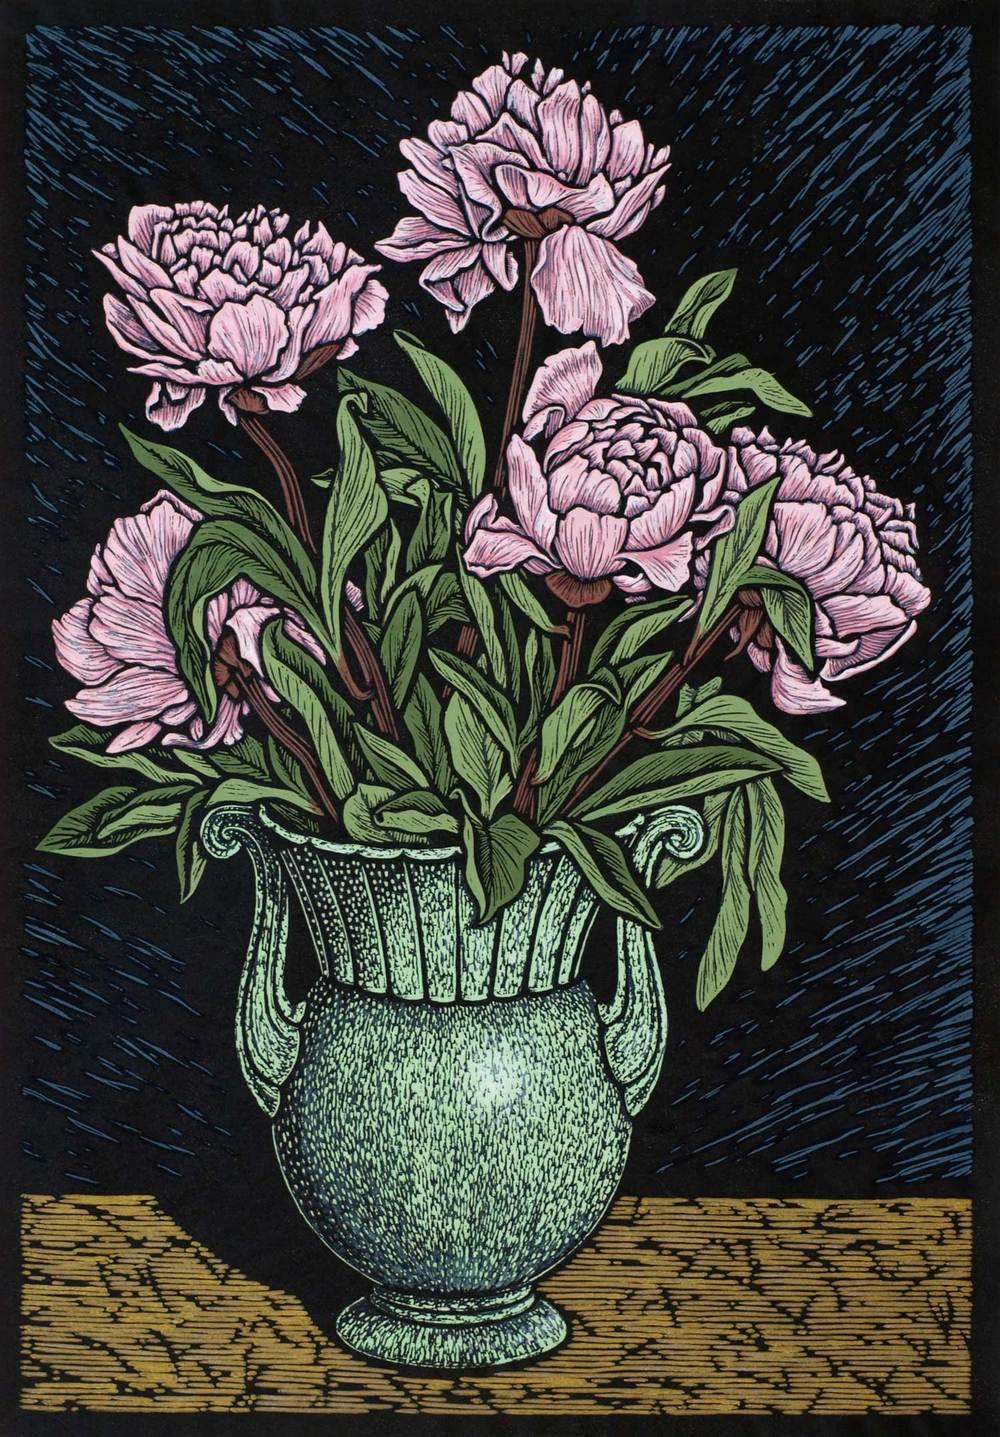 peony-roses-in-vase-linocut-rachel-newling.jpg